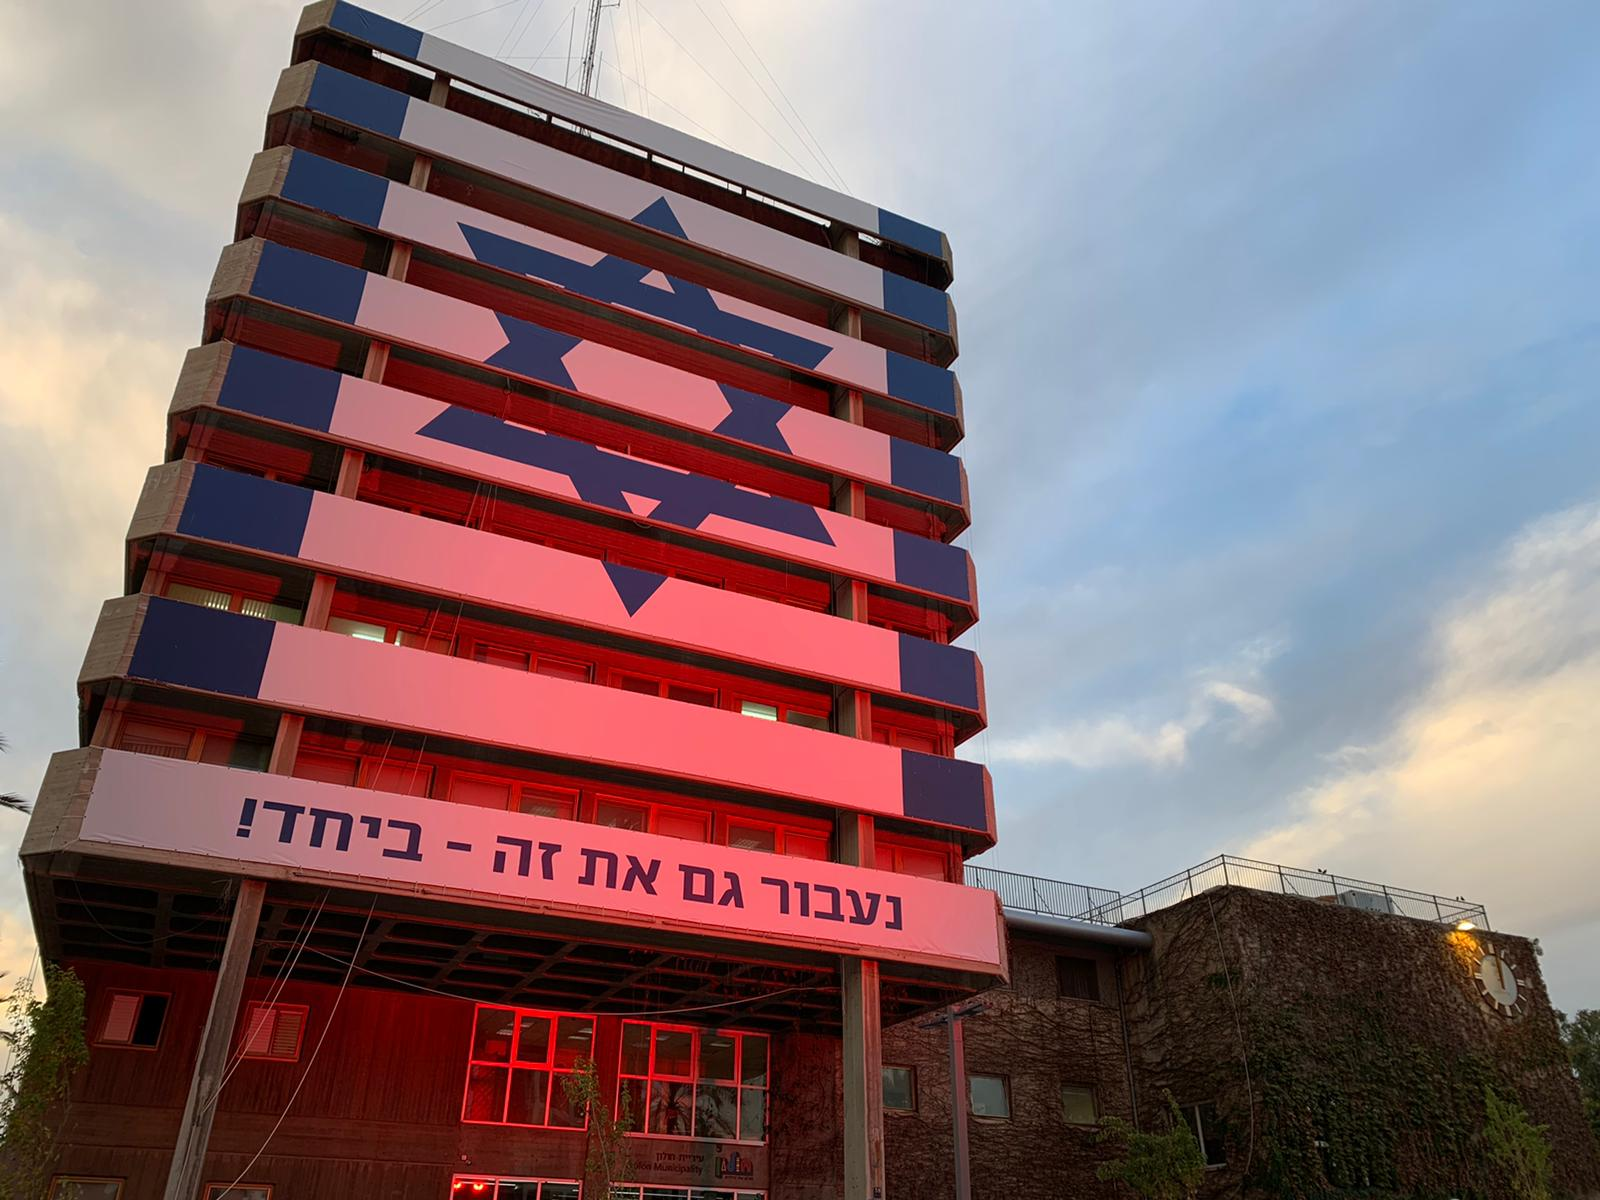 בניין עיריית חולון מואר באדום לציון יום המאבק הבינלאומי למניעת אלימות כלפי נשים נובמבר 2020. צילום-עיריית חולון (4)